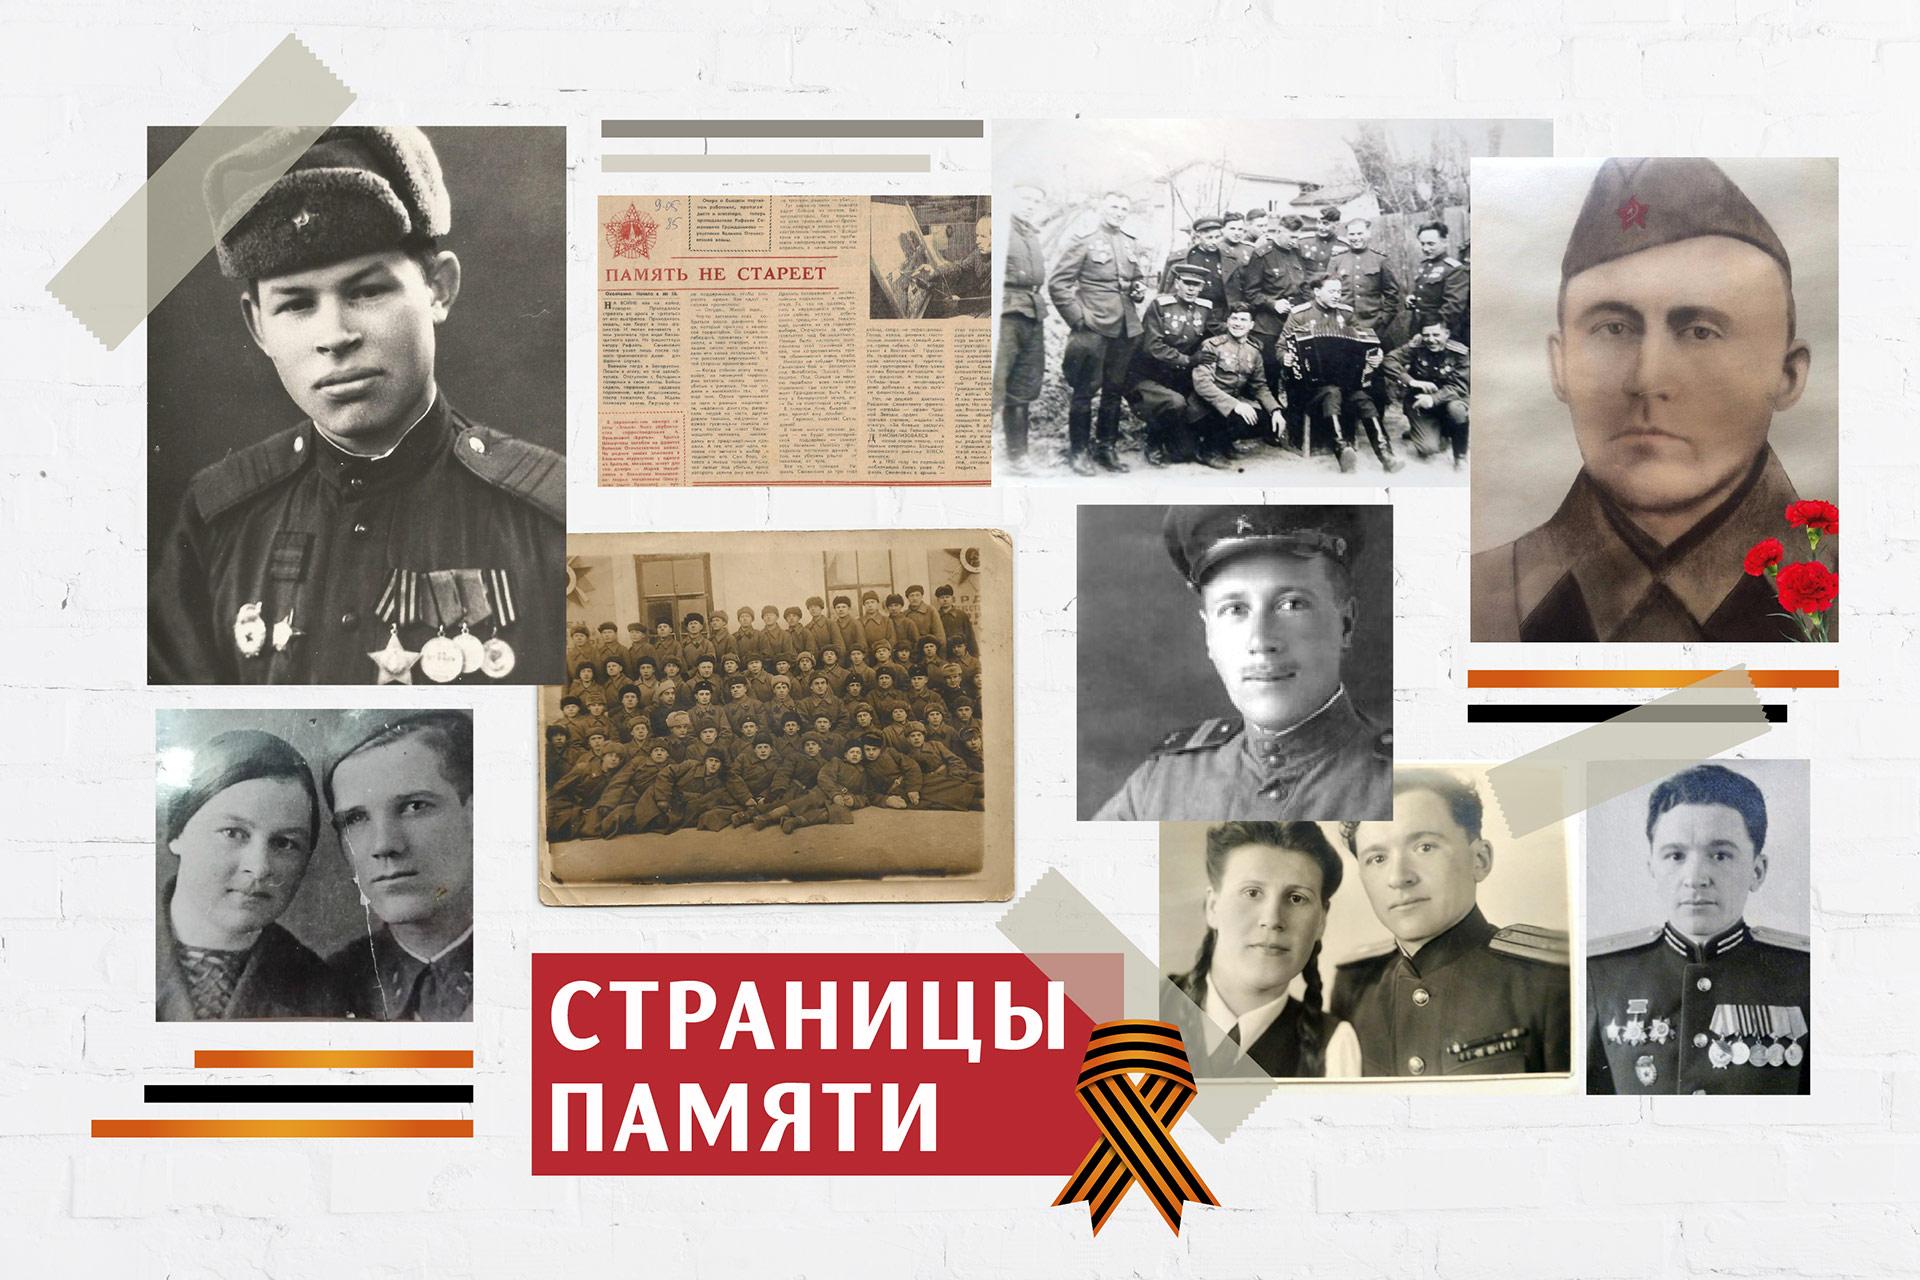 Мининский университет запустил проект, посвященный 75-ой годовщине победы в Великой Отечественной войне